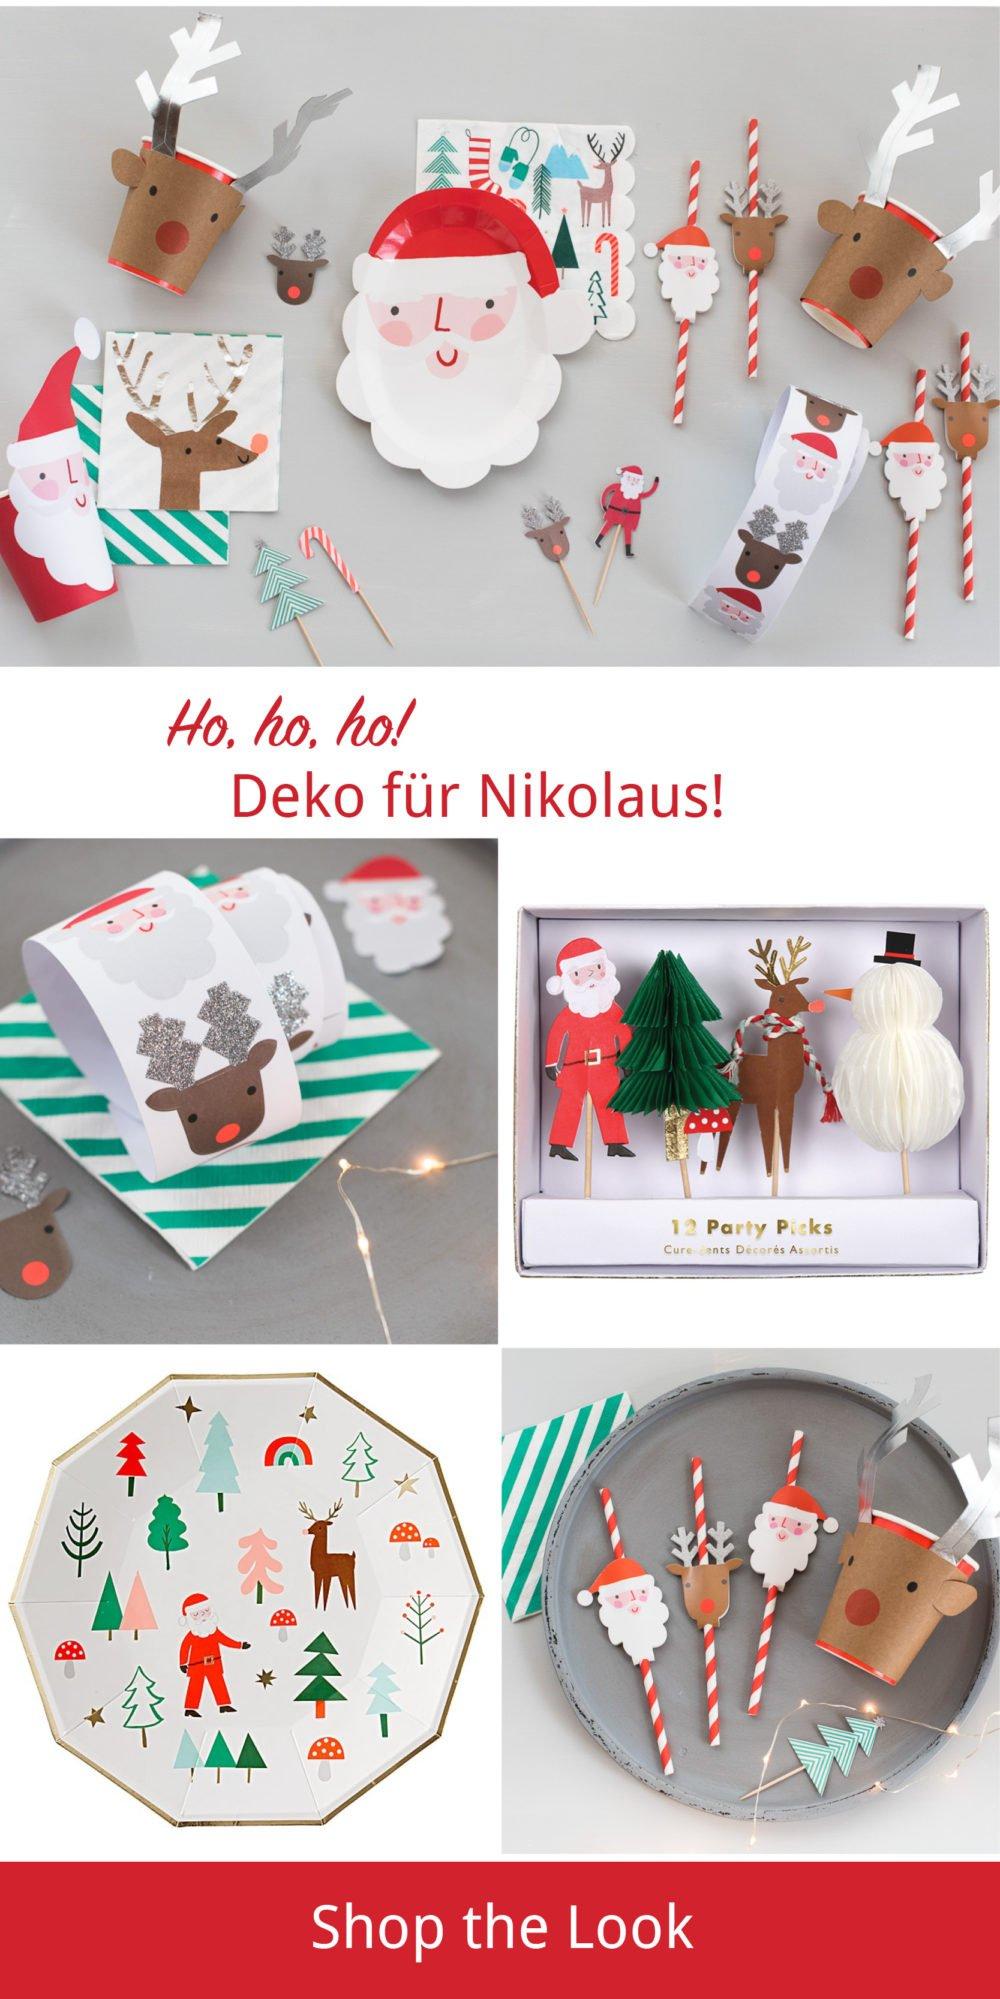 Ho, Ho, Ho - Willkommen Zur Nikolausparty! - Fräulein K bei Nikolausfeier Für Erwachsene Gestalten